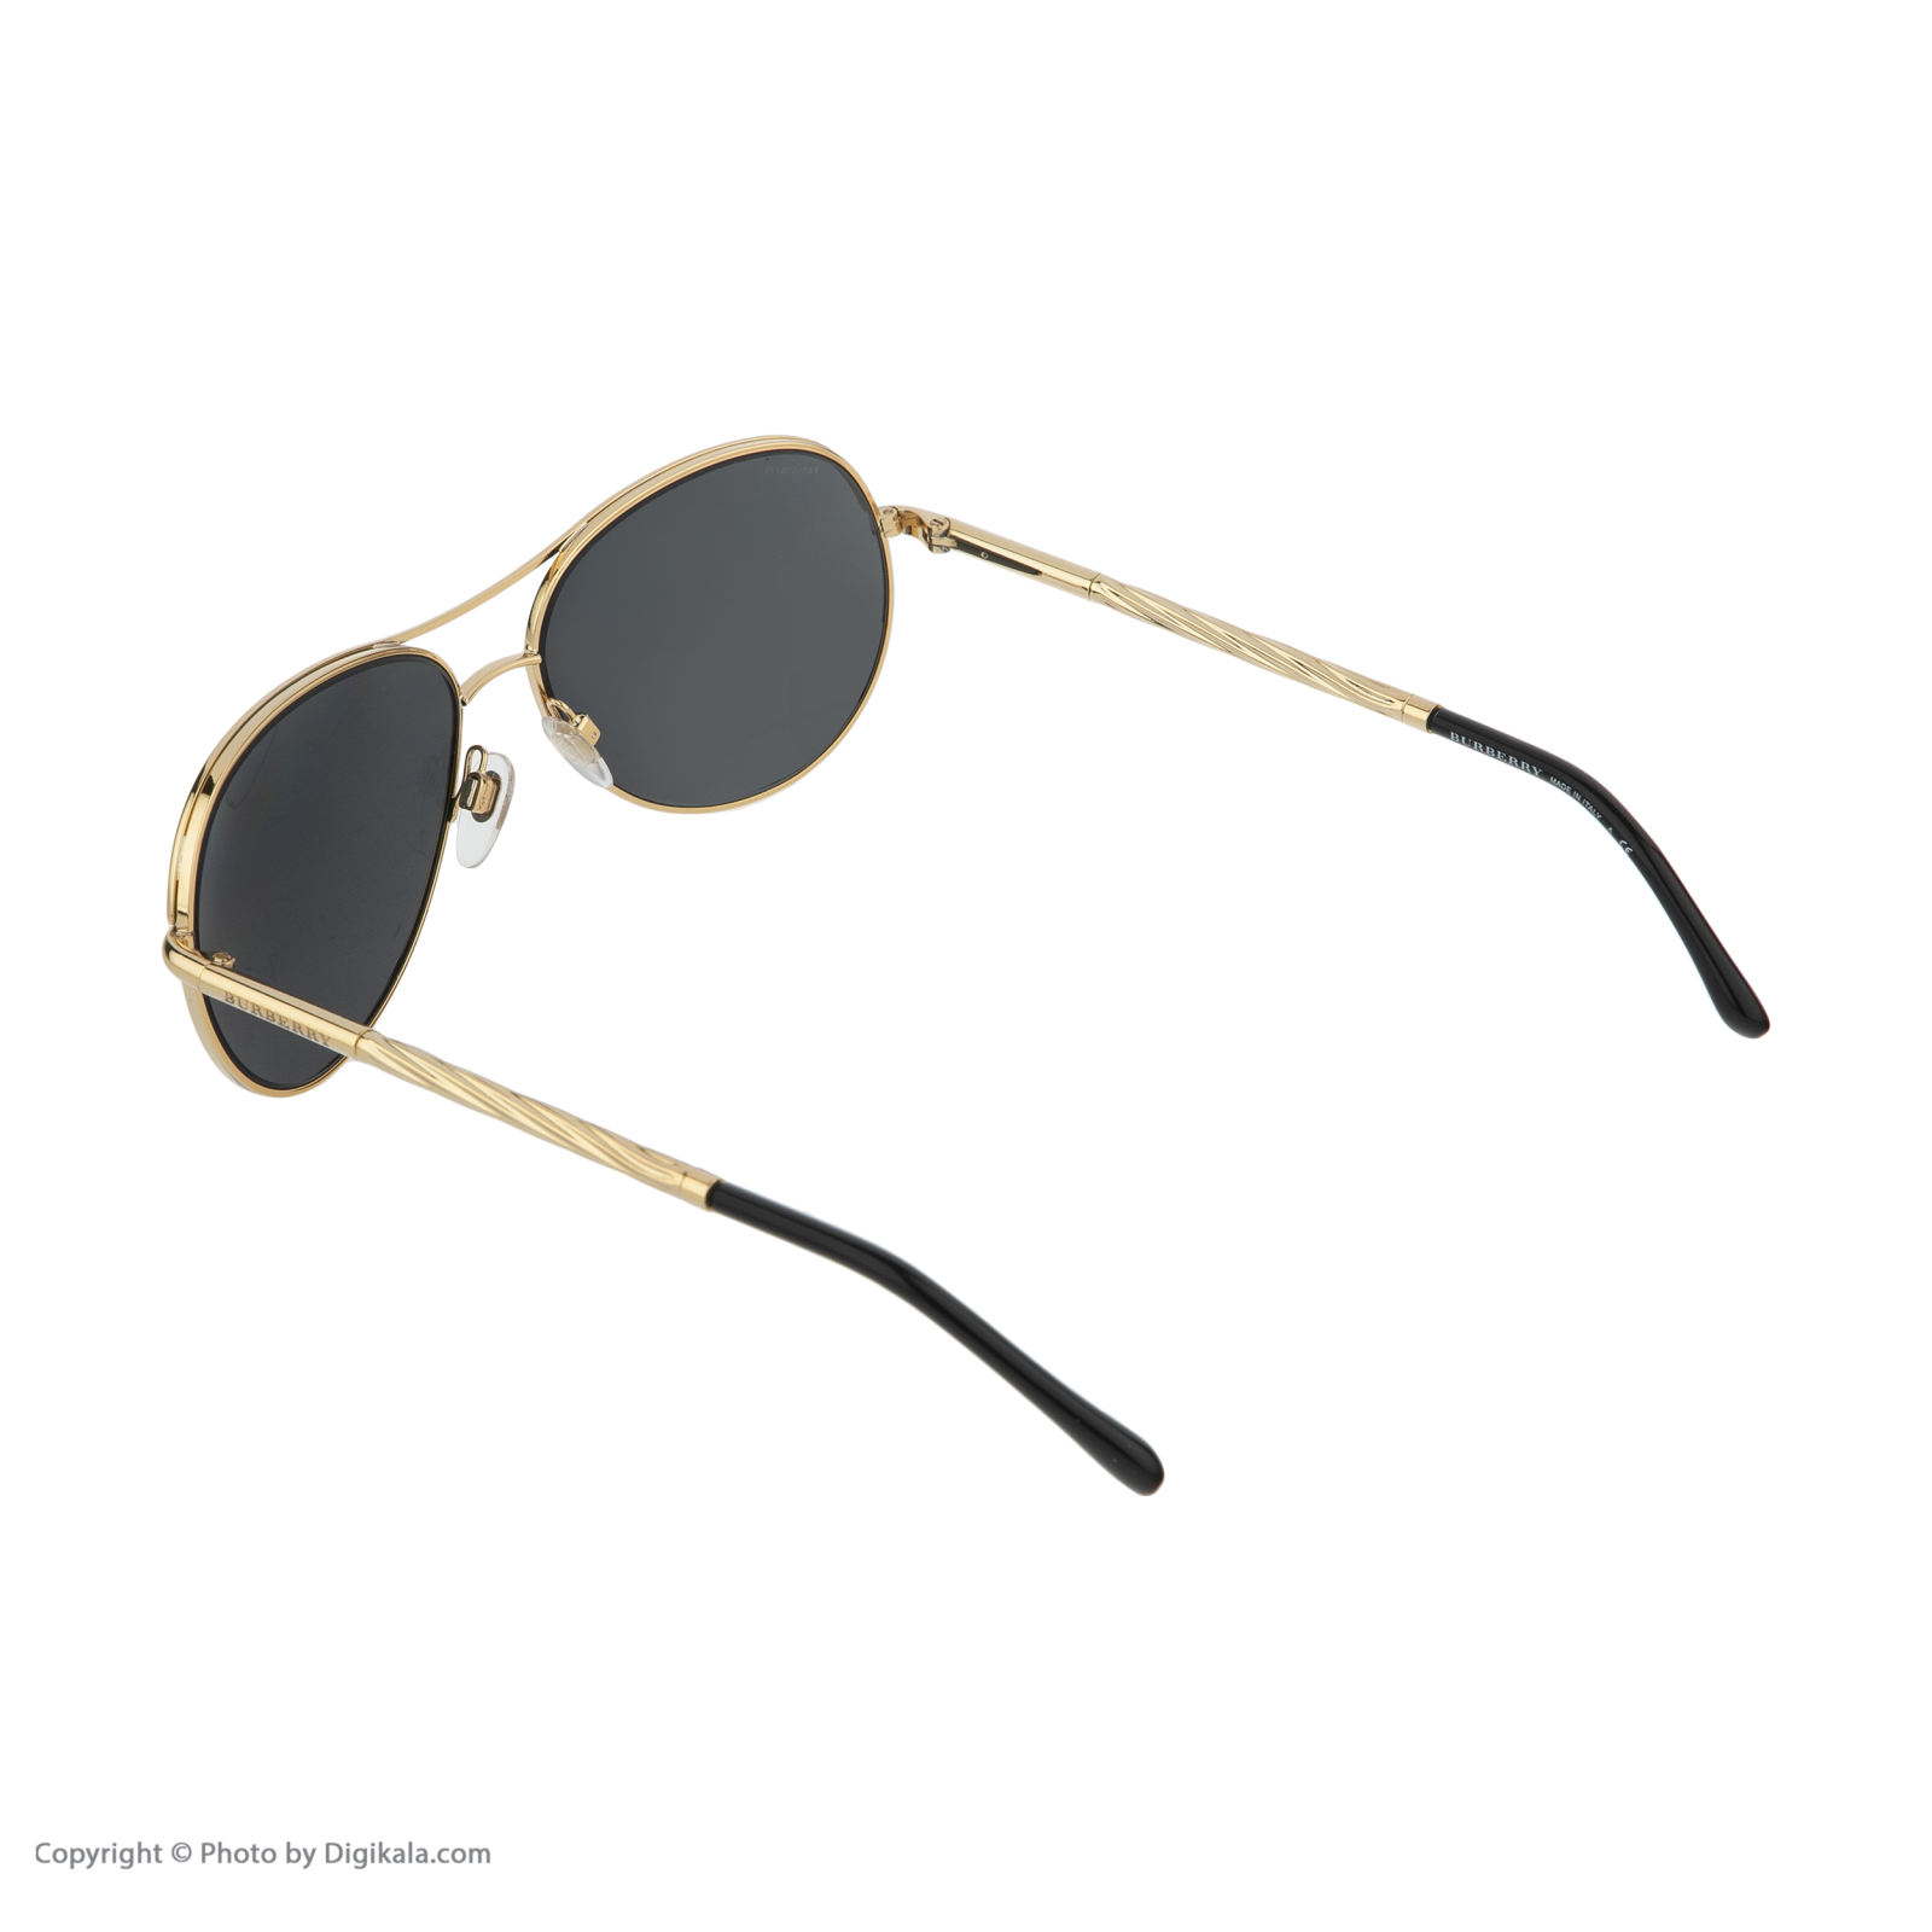 عینک آفتابی زنانه بربری مدل BE 3082S 121087 57 -  - 5